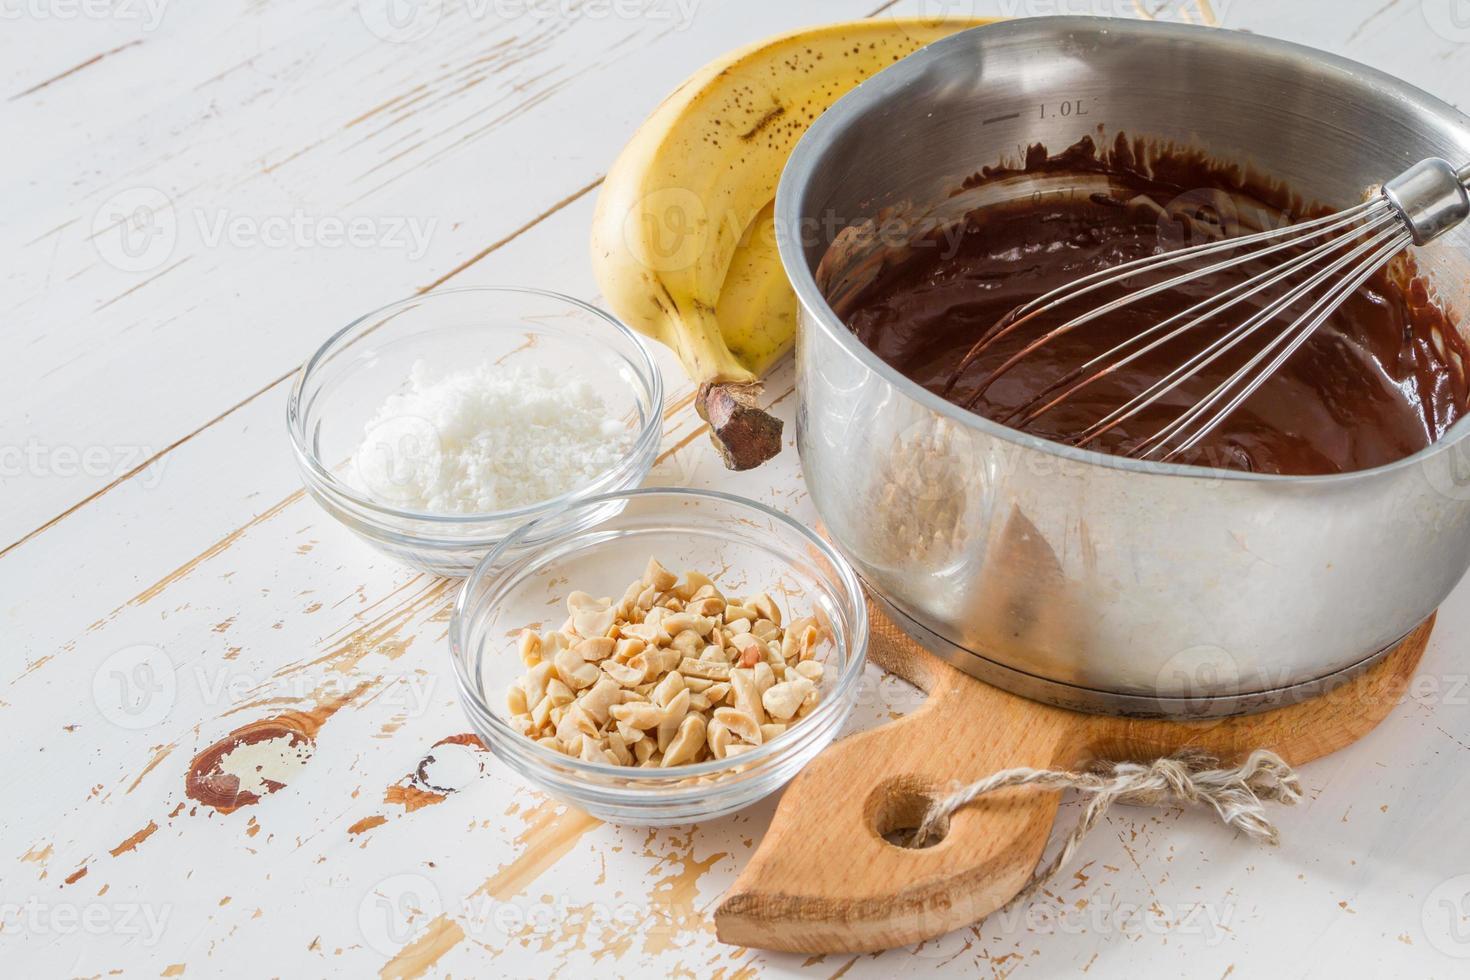 préparation de banane pop - banane, chocolat, noix, noix de coco en poudre photo